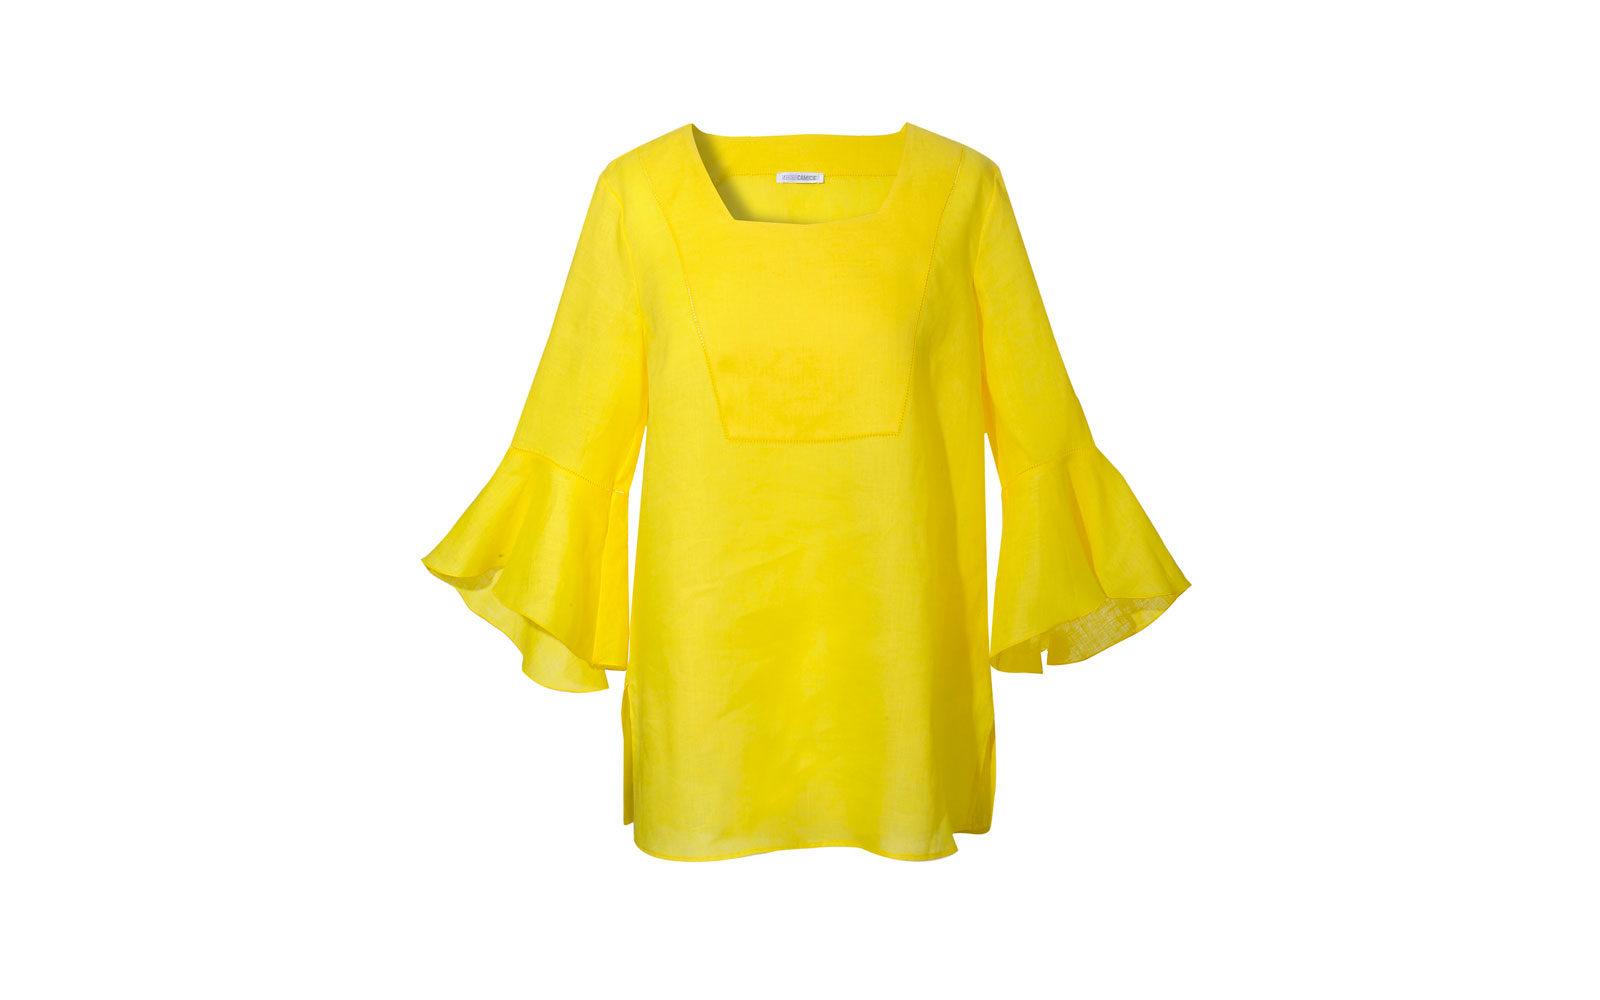 NARACAMICIE blusa in lino giallo, con maniche a forma di fiore. 79 euro       www.naracamicie.com